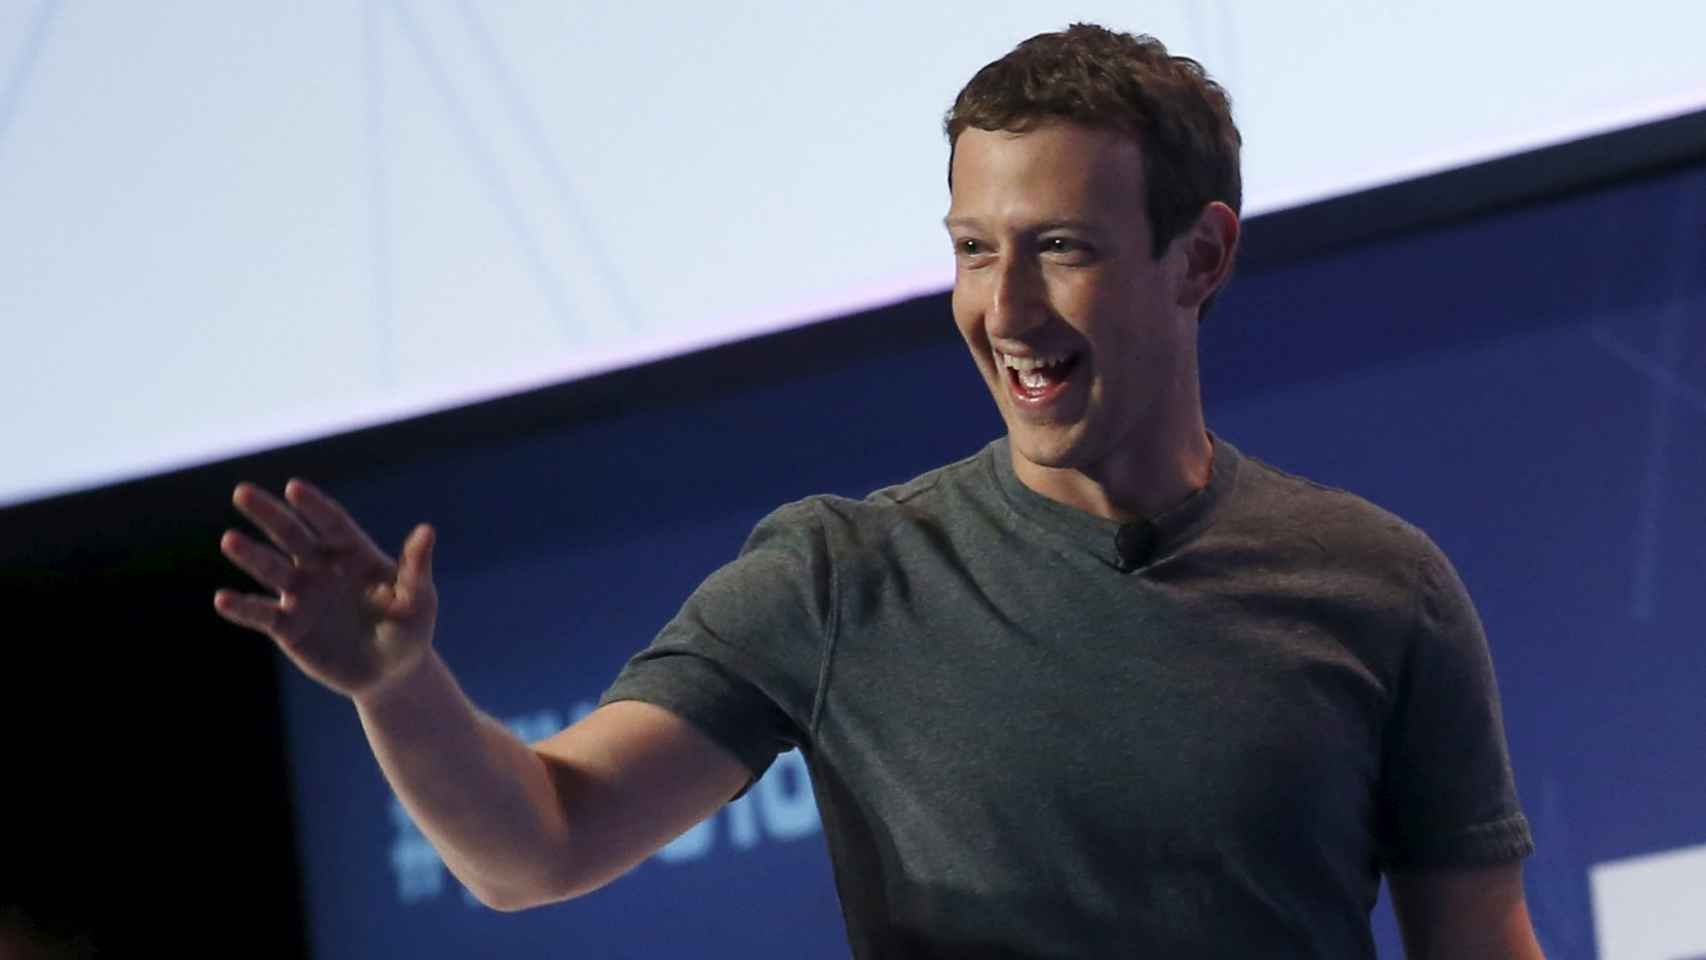 El fundador de Facebook, Mark Zuckerberg, durante su estancia en el MWC.